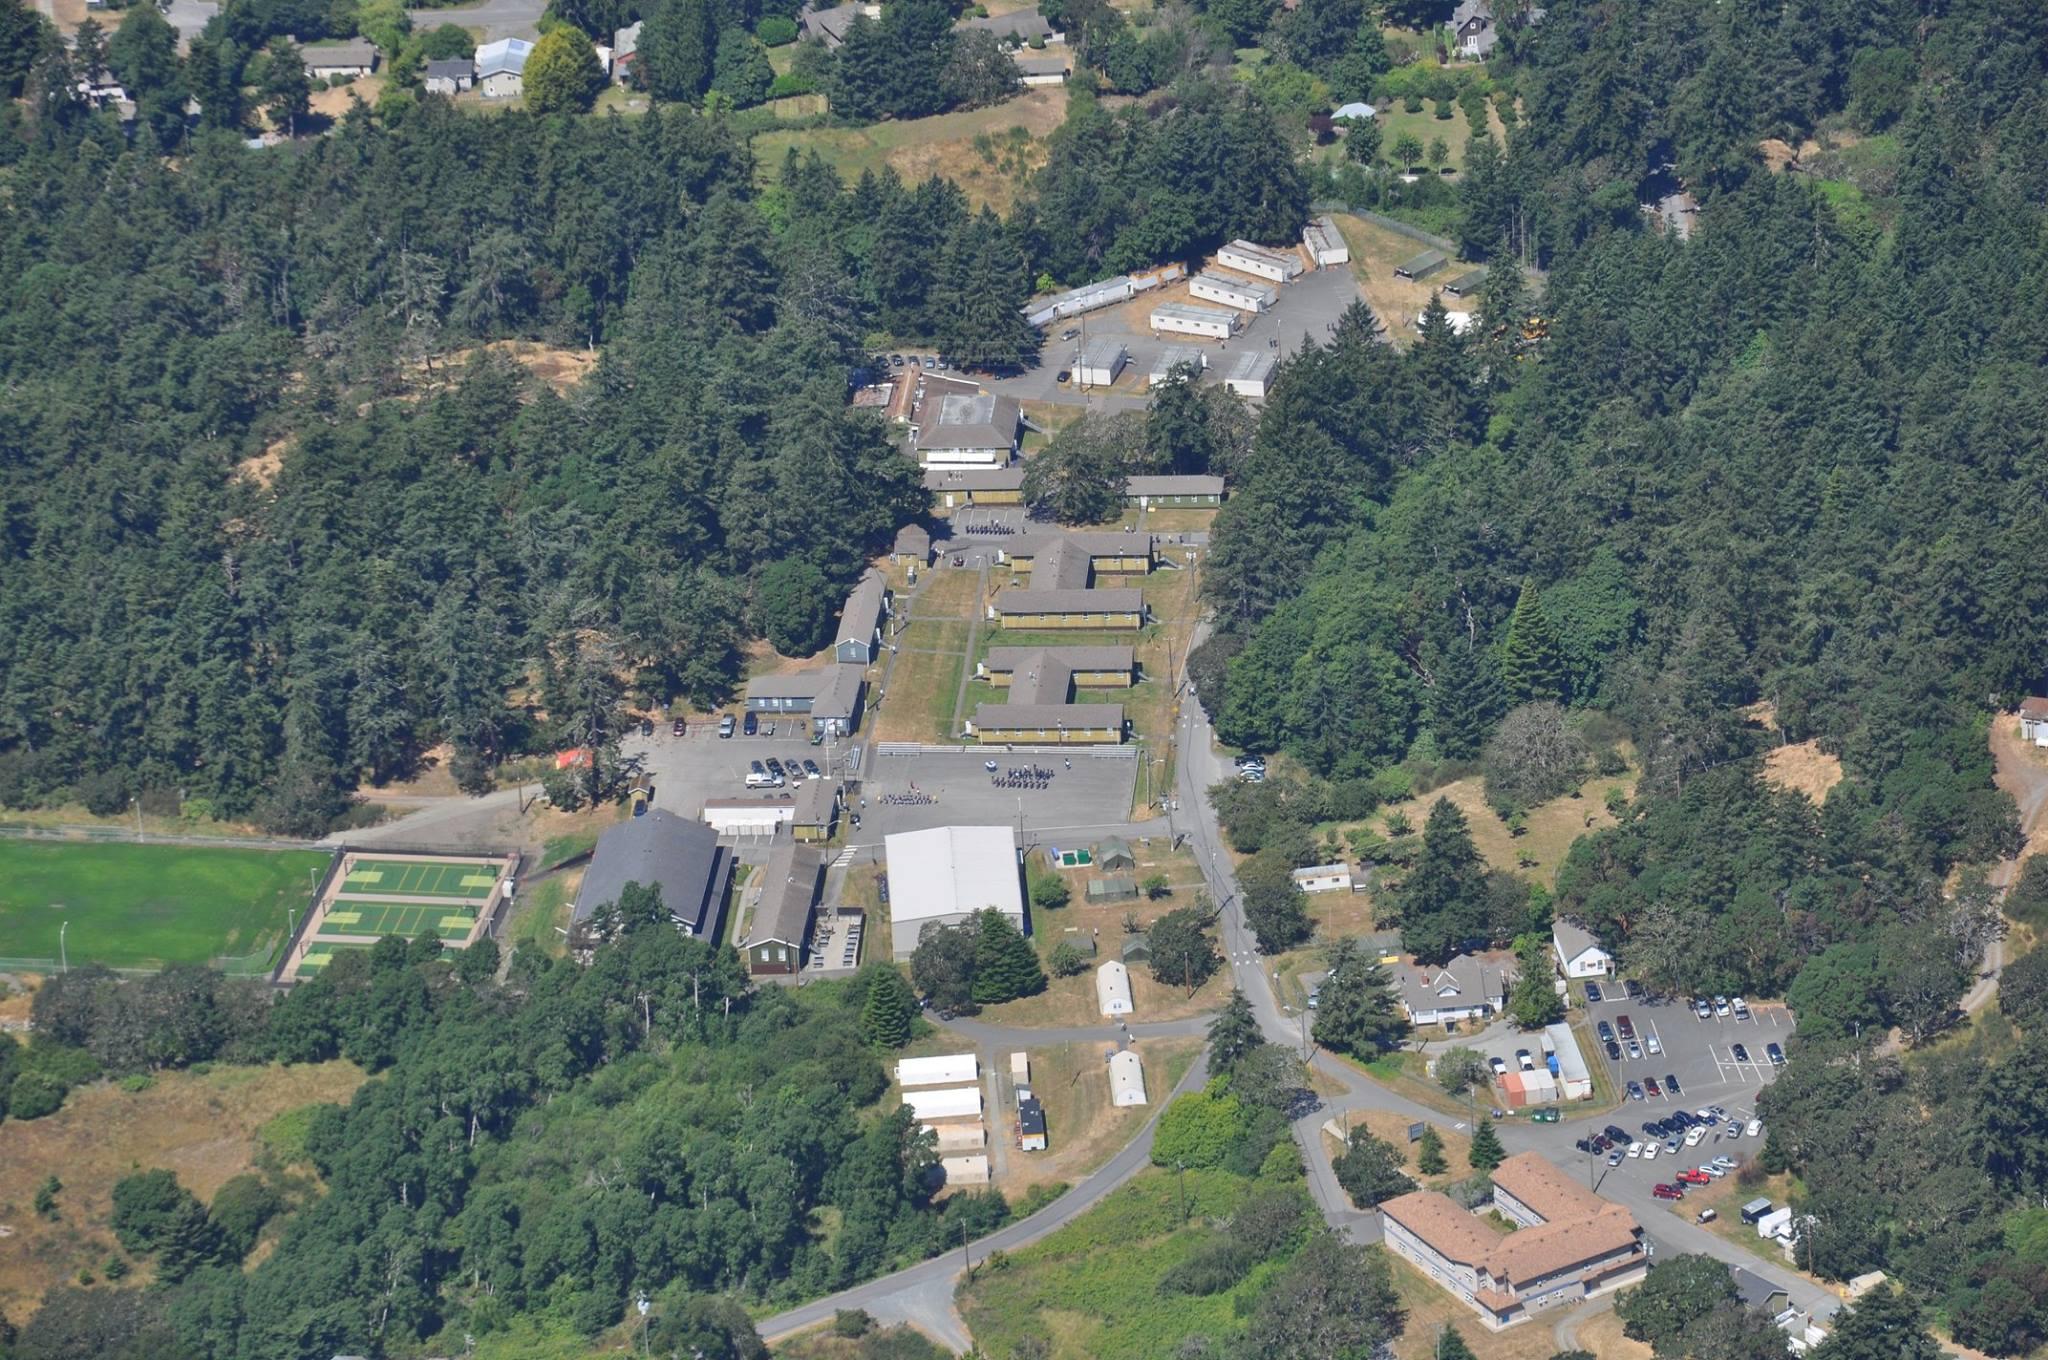 Aerial View of Albert Head